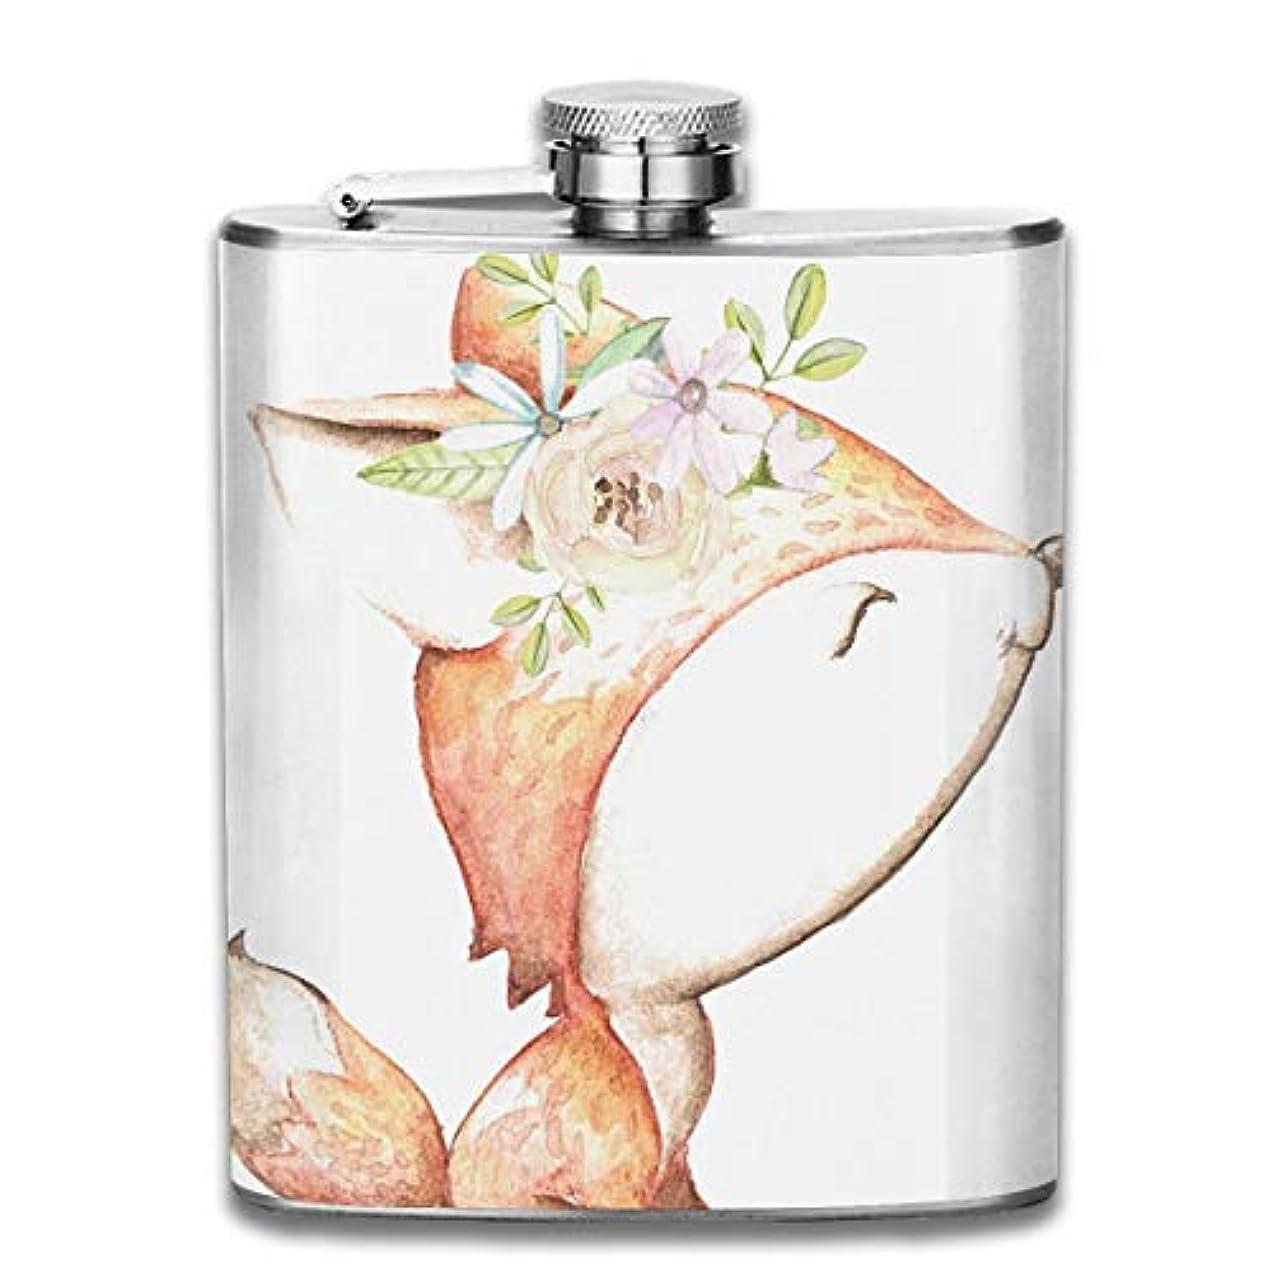 とんでもないアナウンサー出席するブルームン 酒器 酒瓶 お酒 フラスコ 狐と花 ボトル 携帯用 フラゴン ワインポット 7oz 200ml ステンレス製 メンズ U型